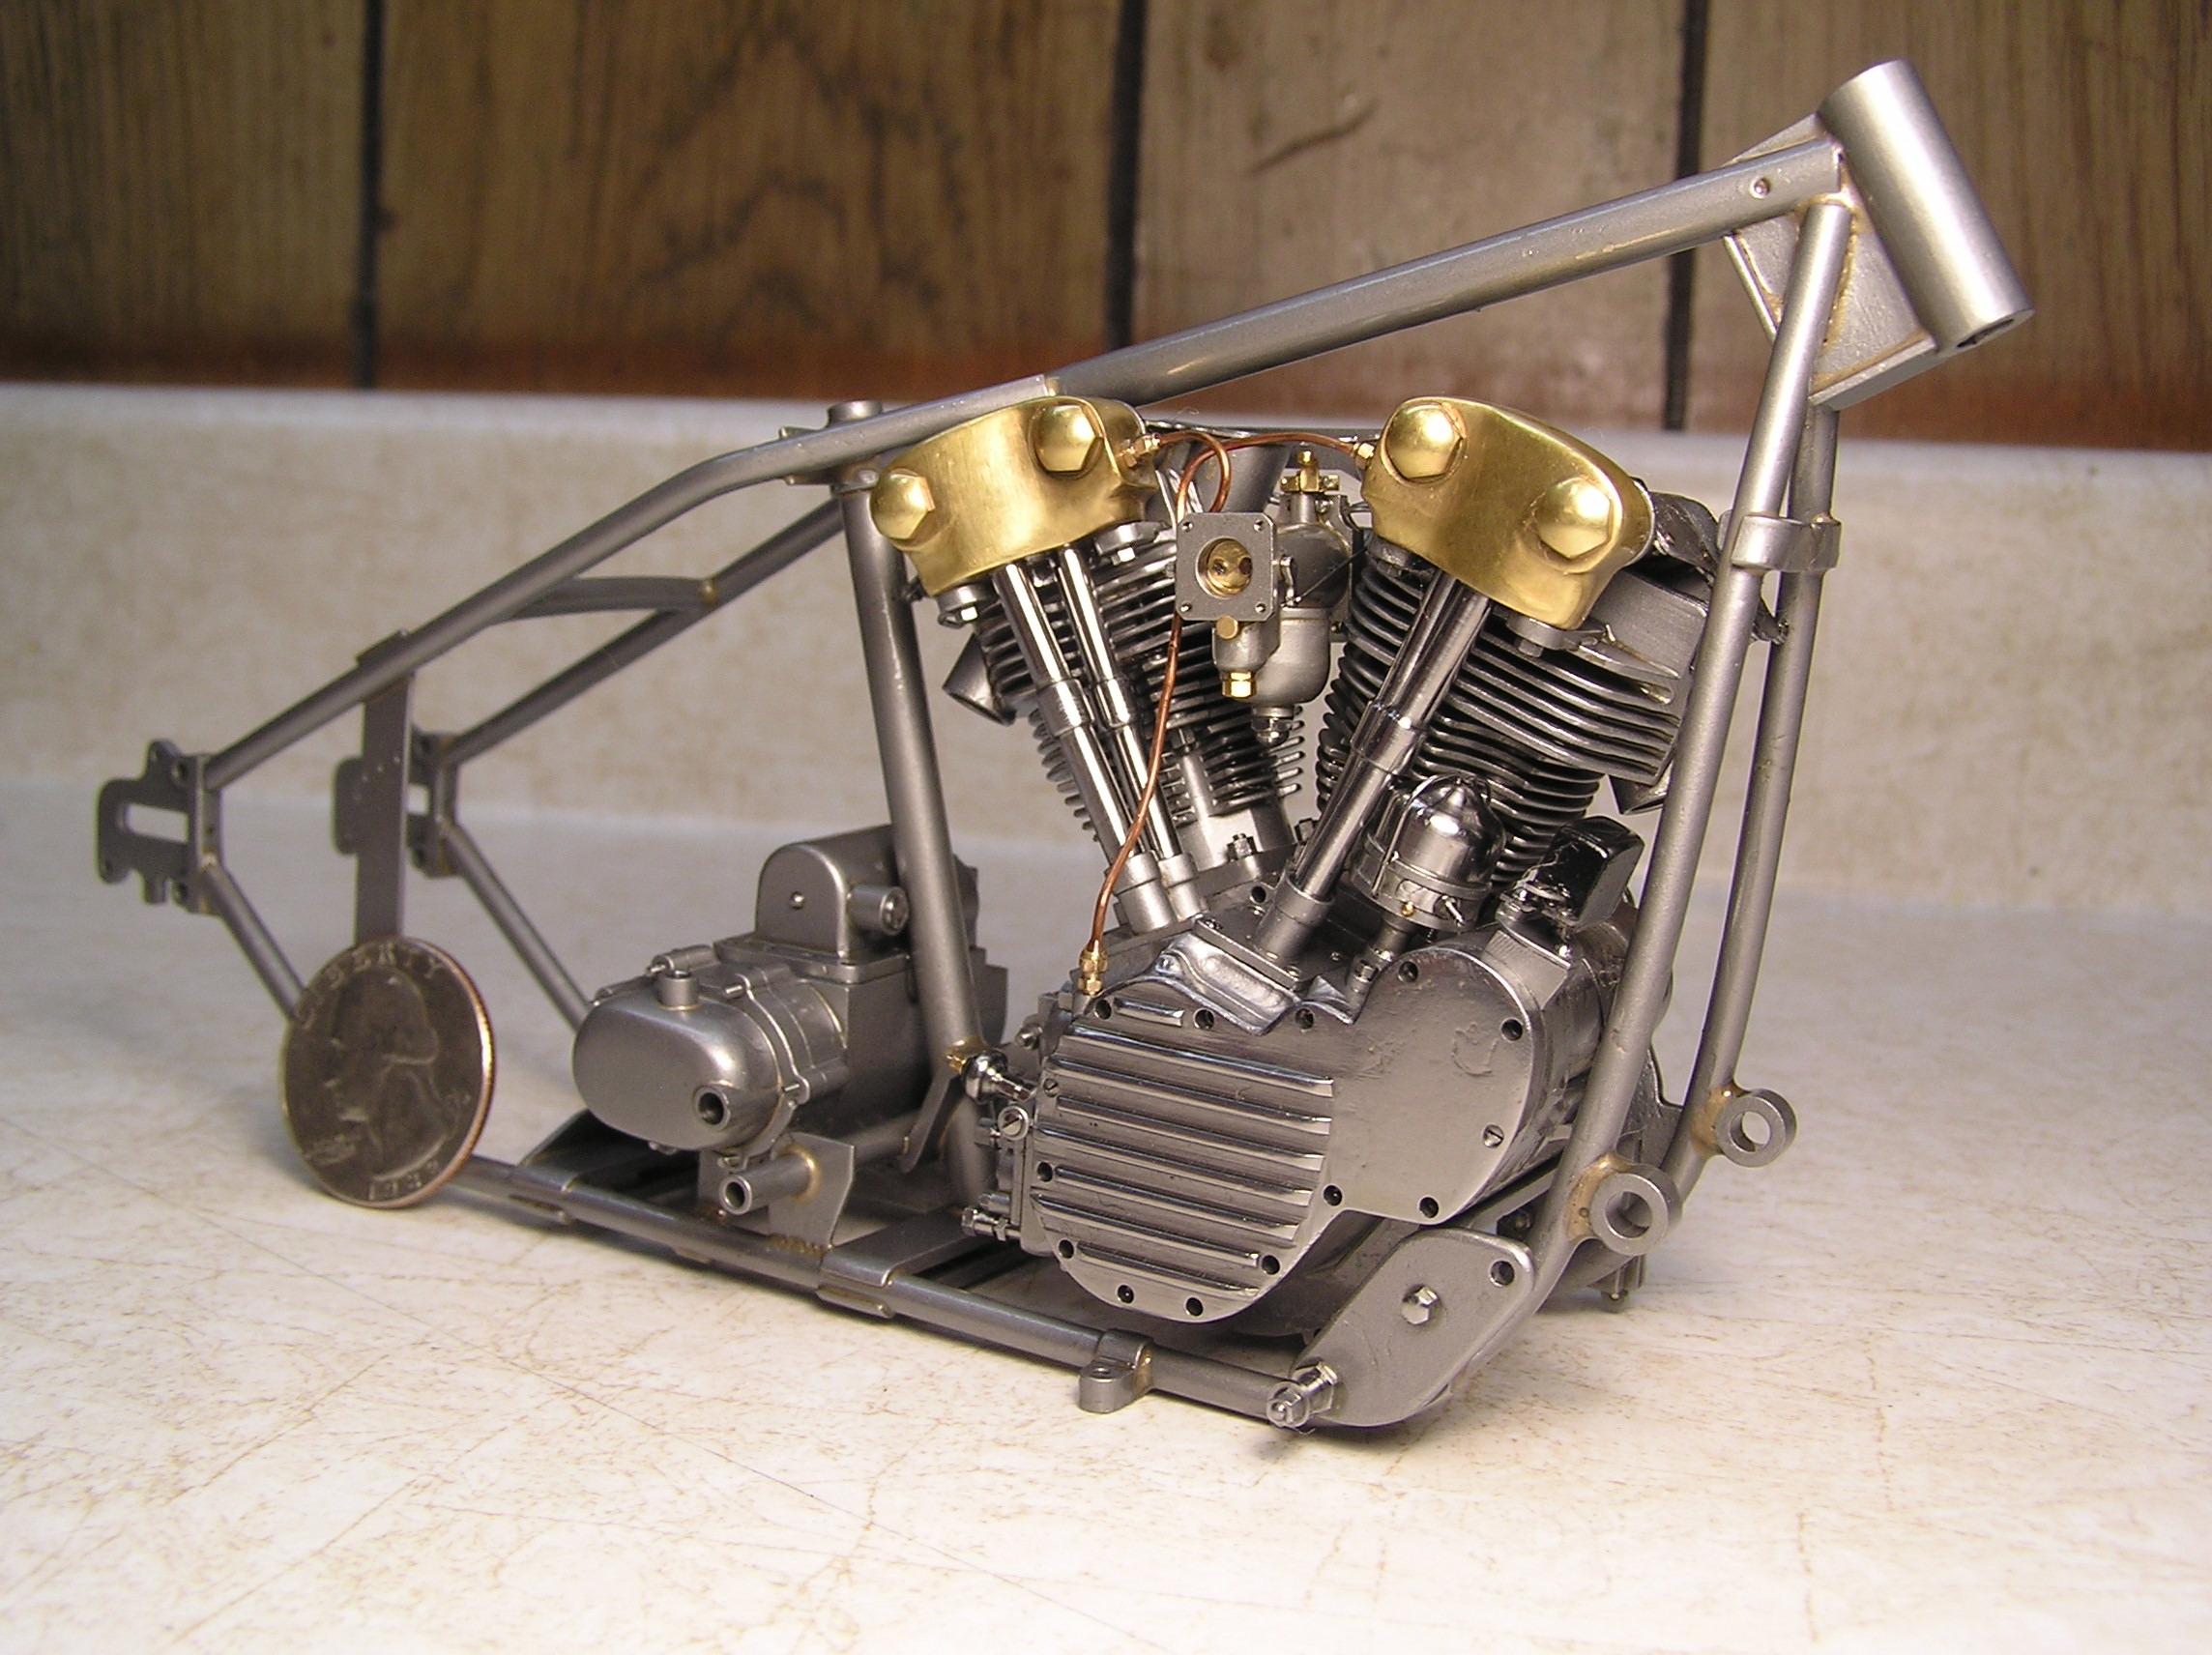 Harley Motorcycle Model